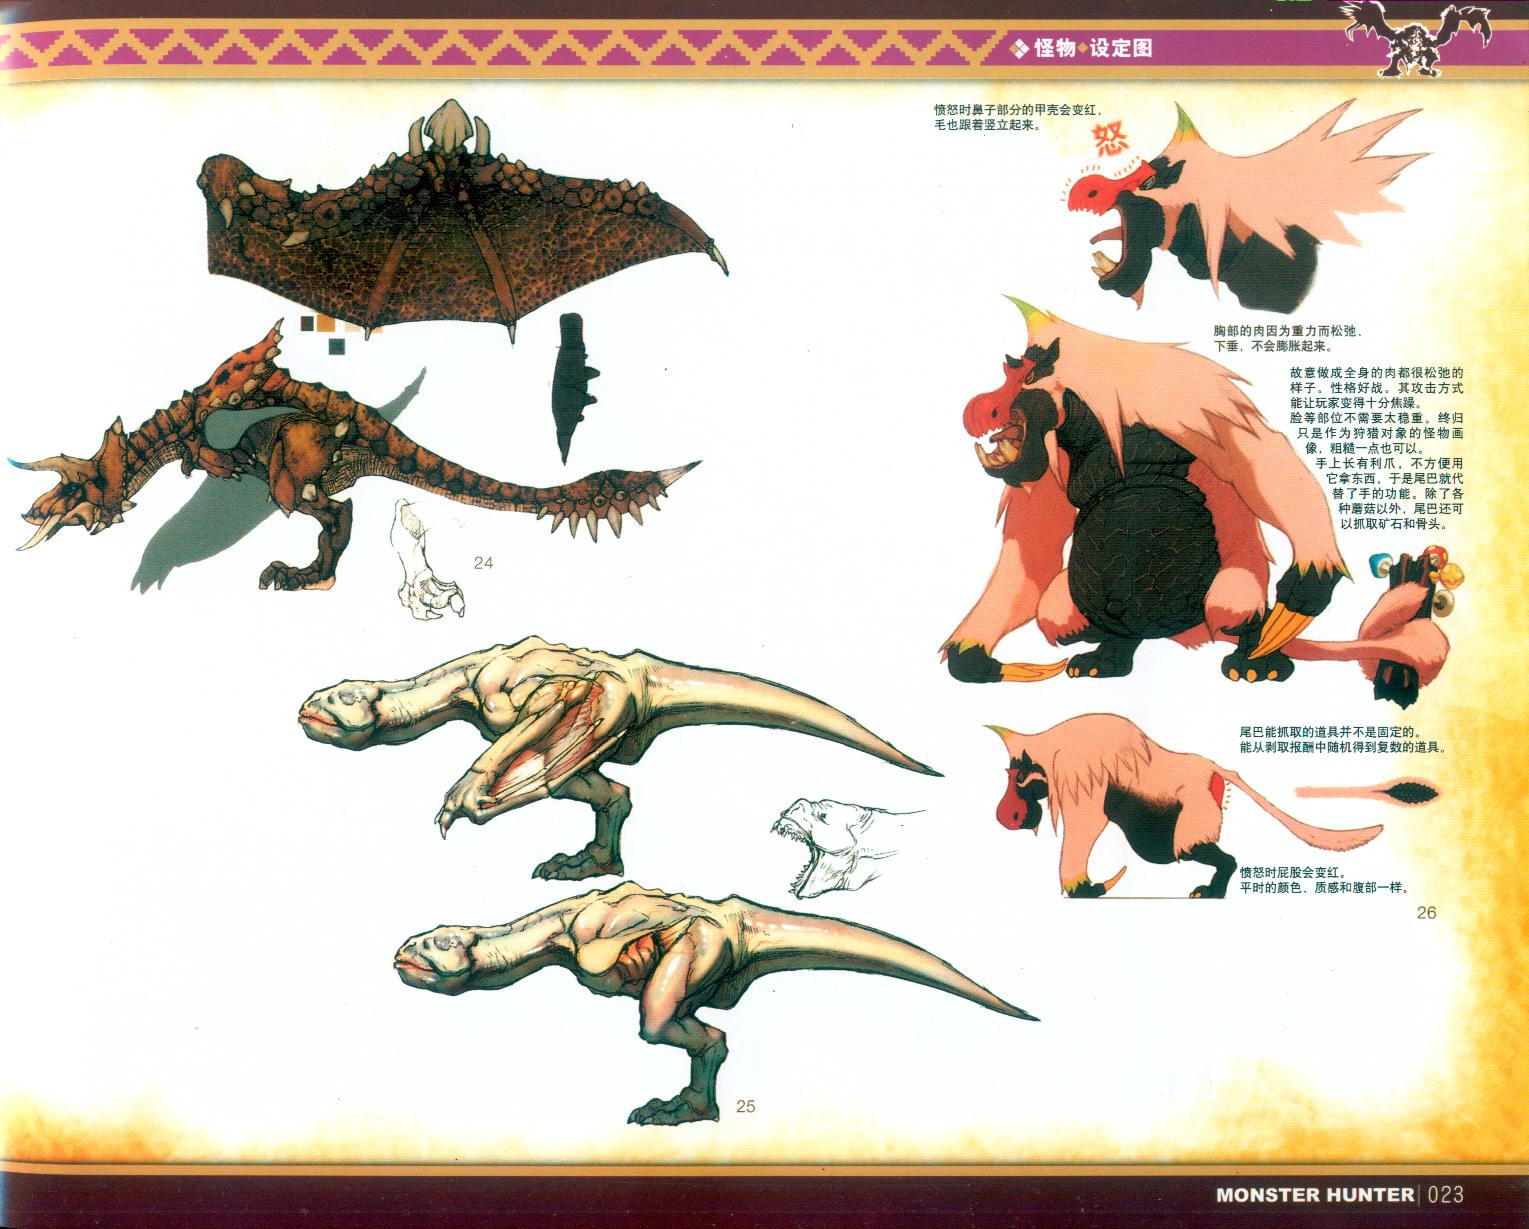 023_关注-游艺网GAME798海量资源下载怪物猎人终极画集.jpg